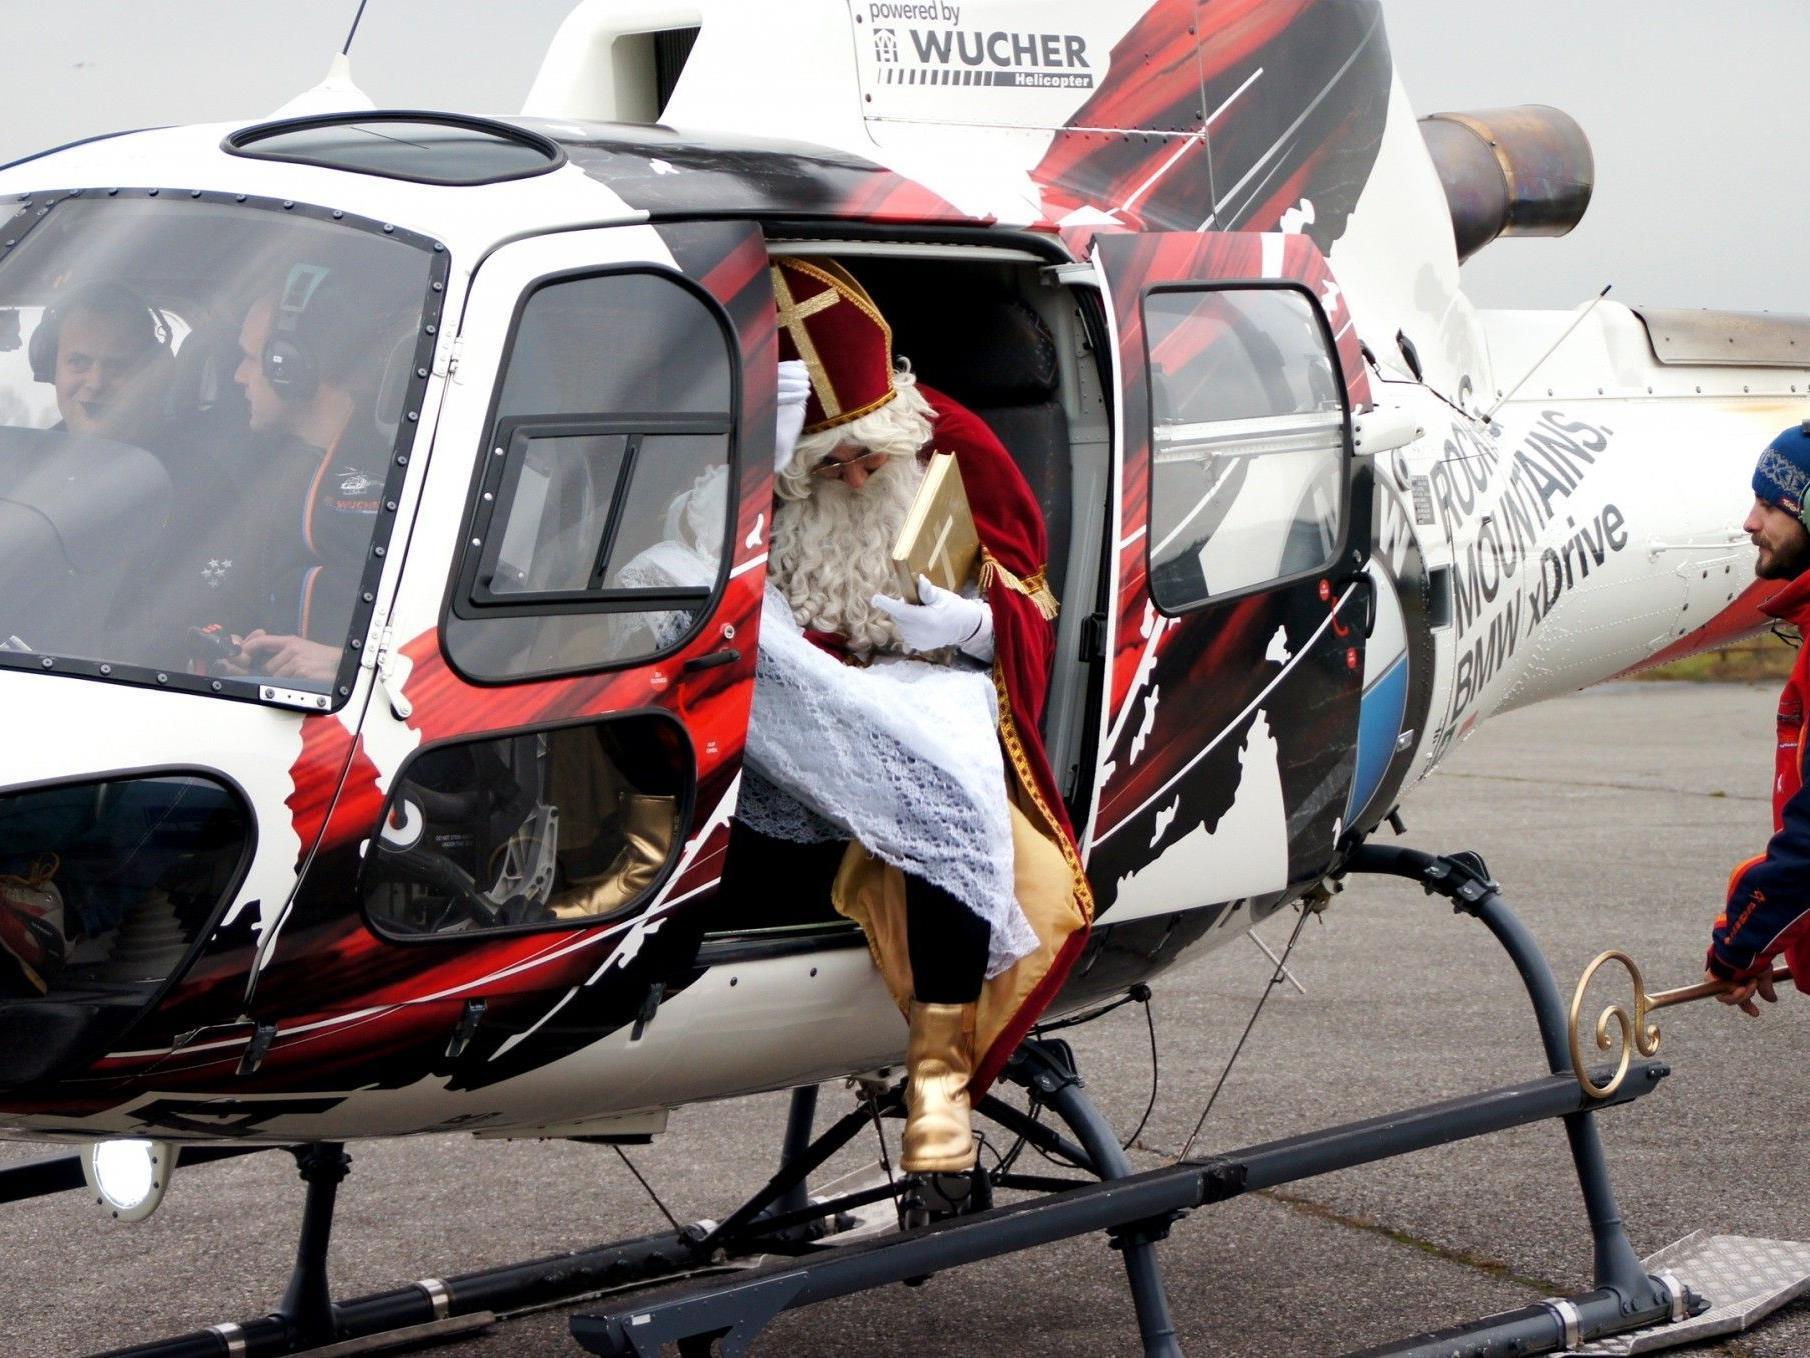 Der Nikolaus kam mit dem Heli angeflogen!